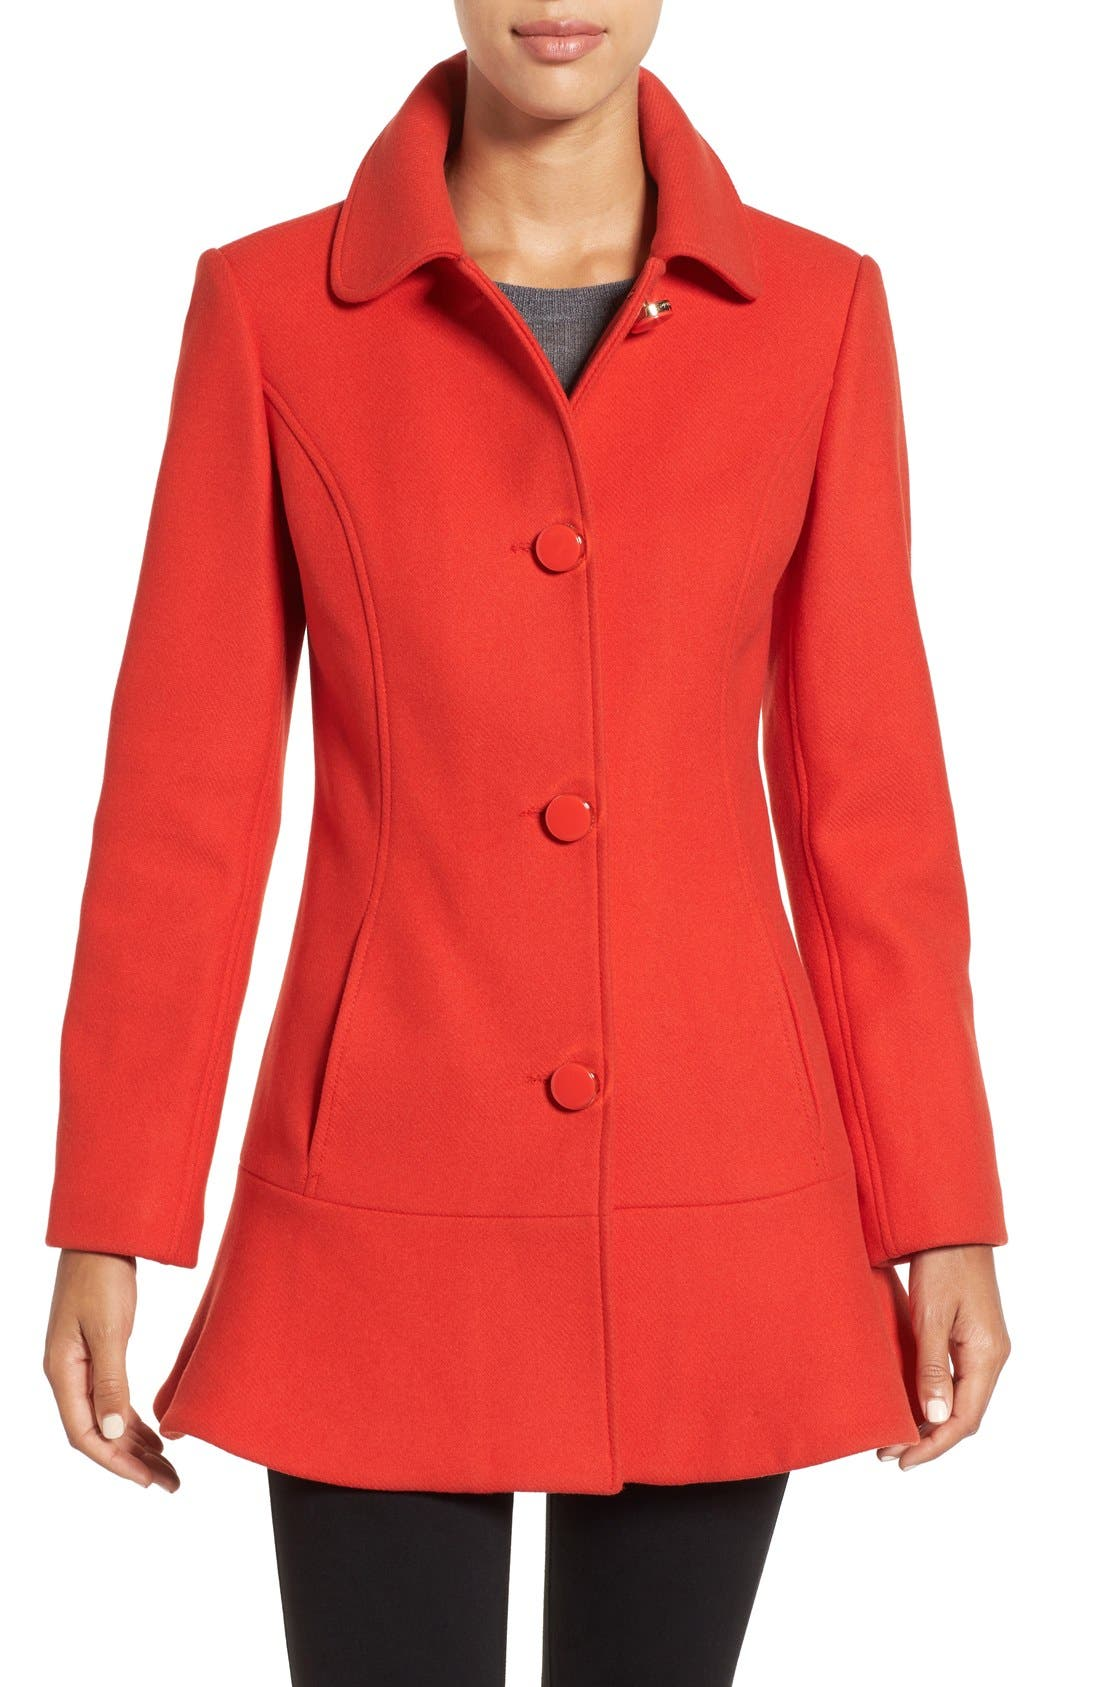 KATE SPADE NEW YORK,                             twill ruffle hem coat,                             Main thumbnail 1, color,                             600